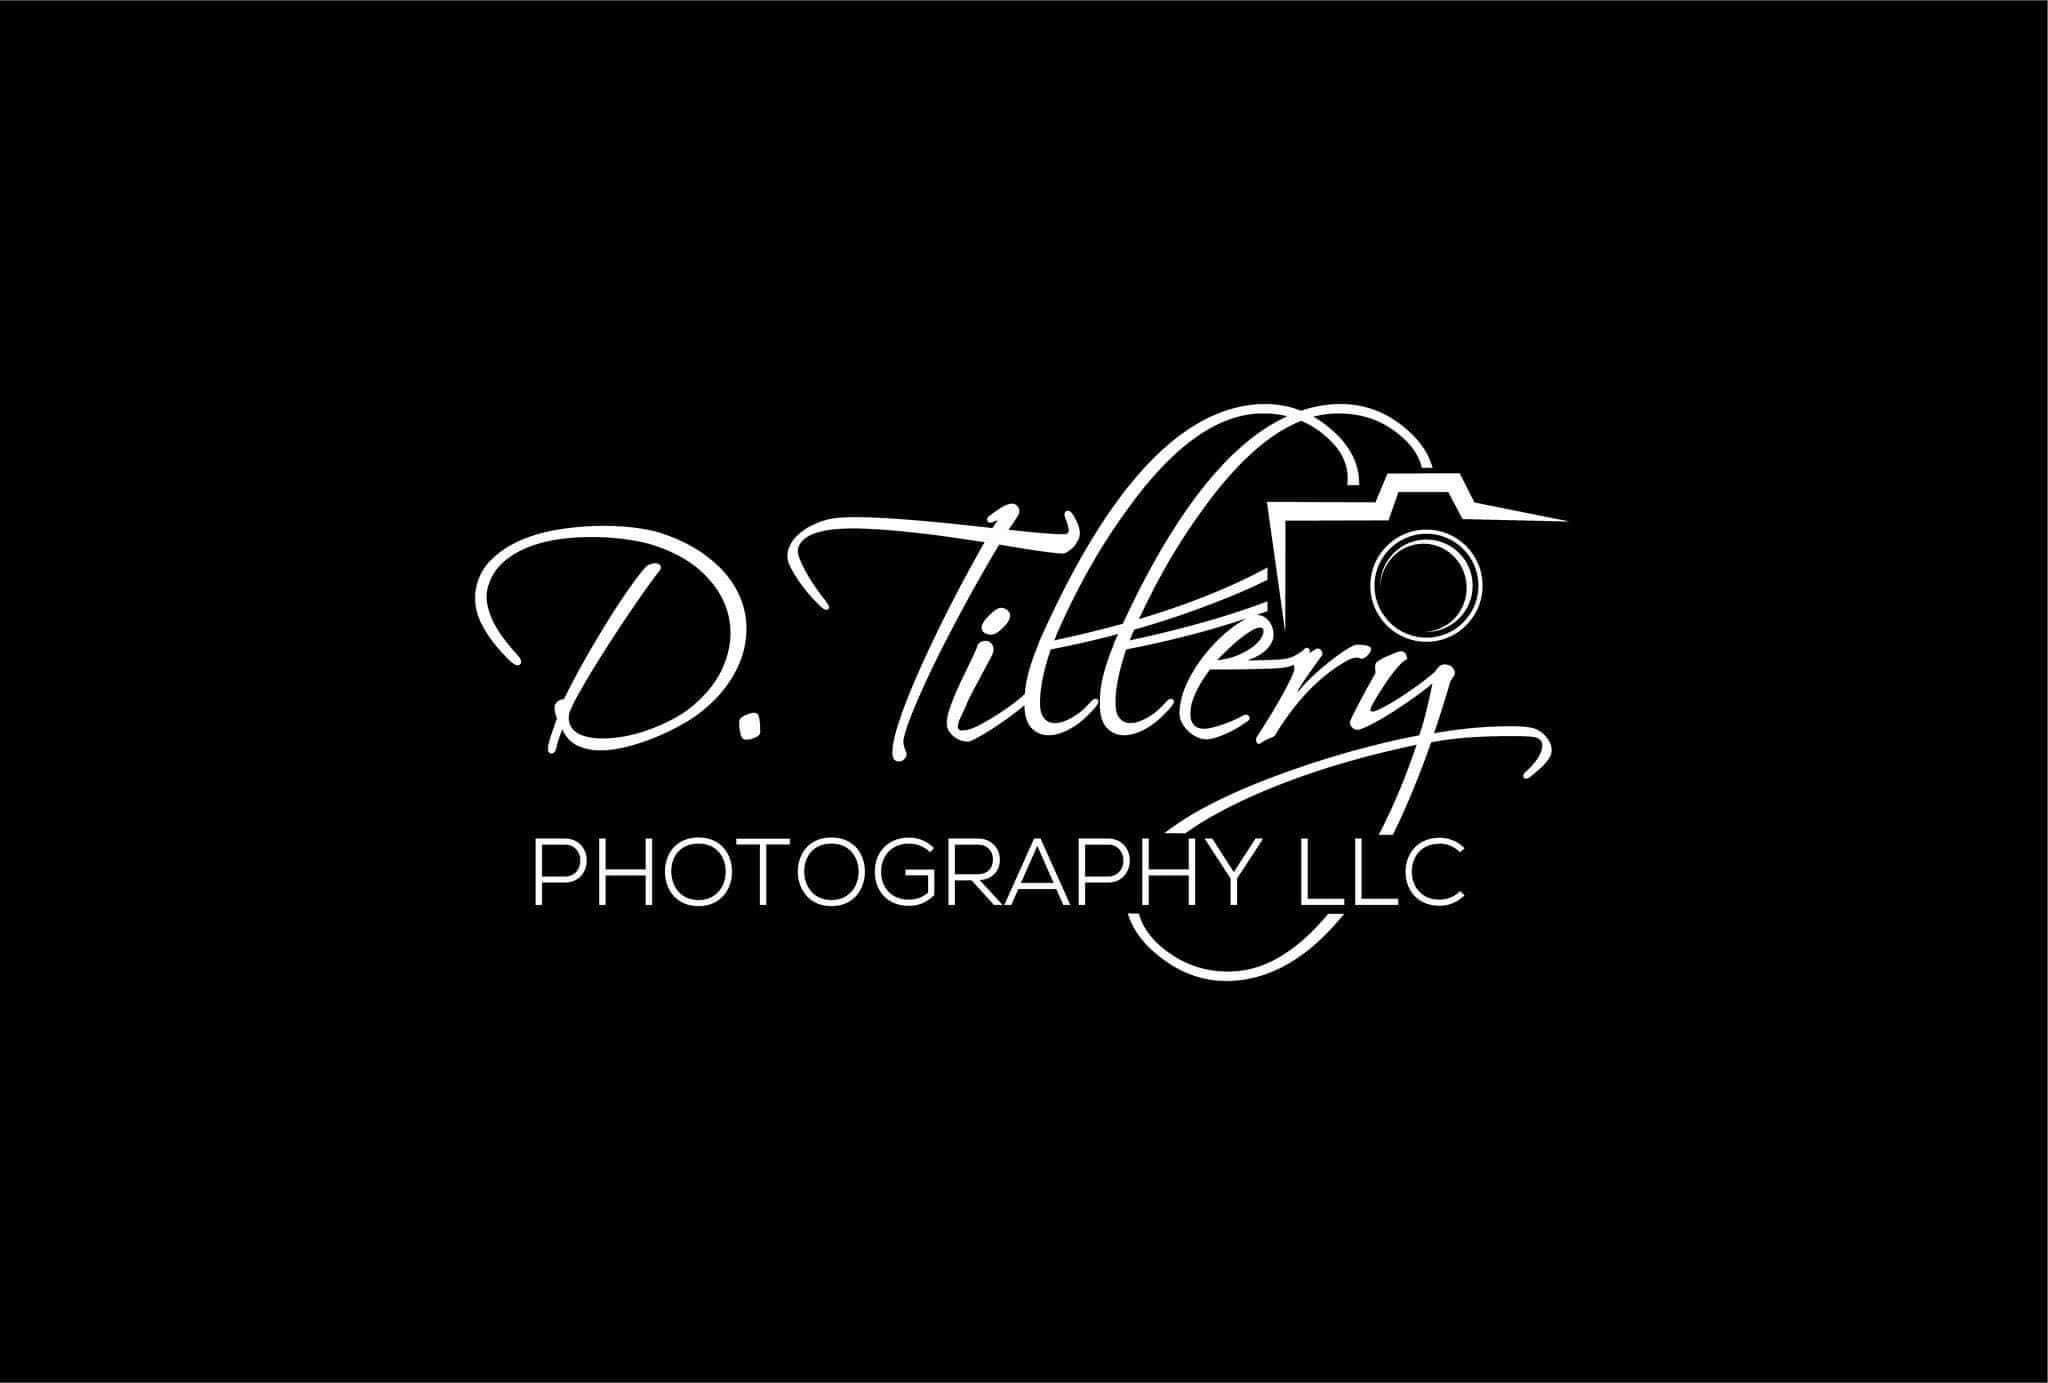 D. TILLERY